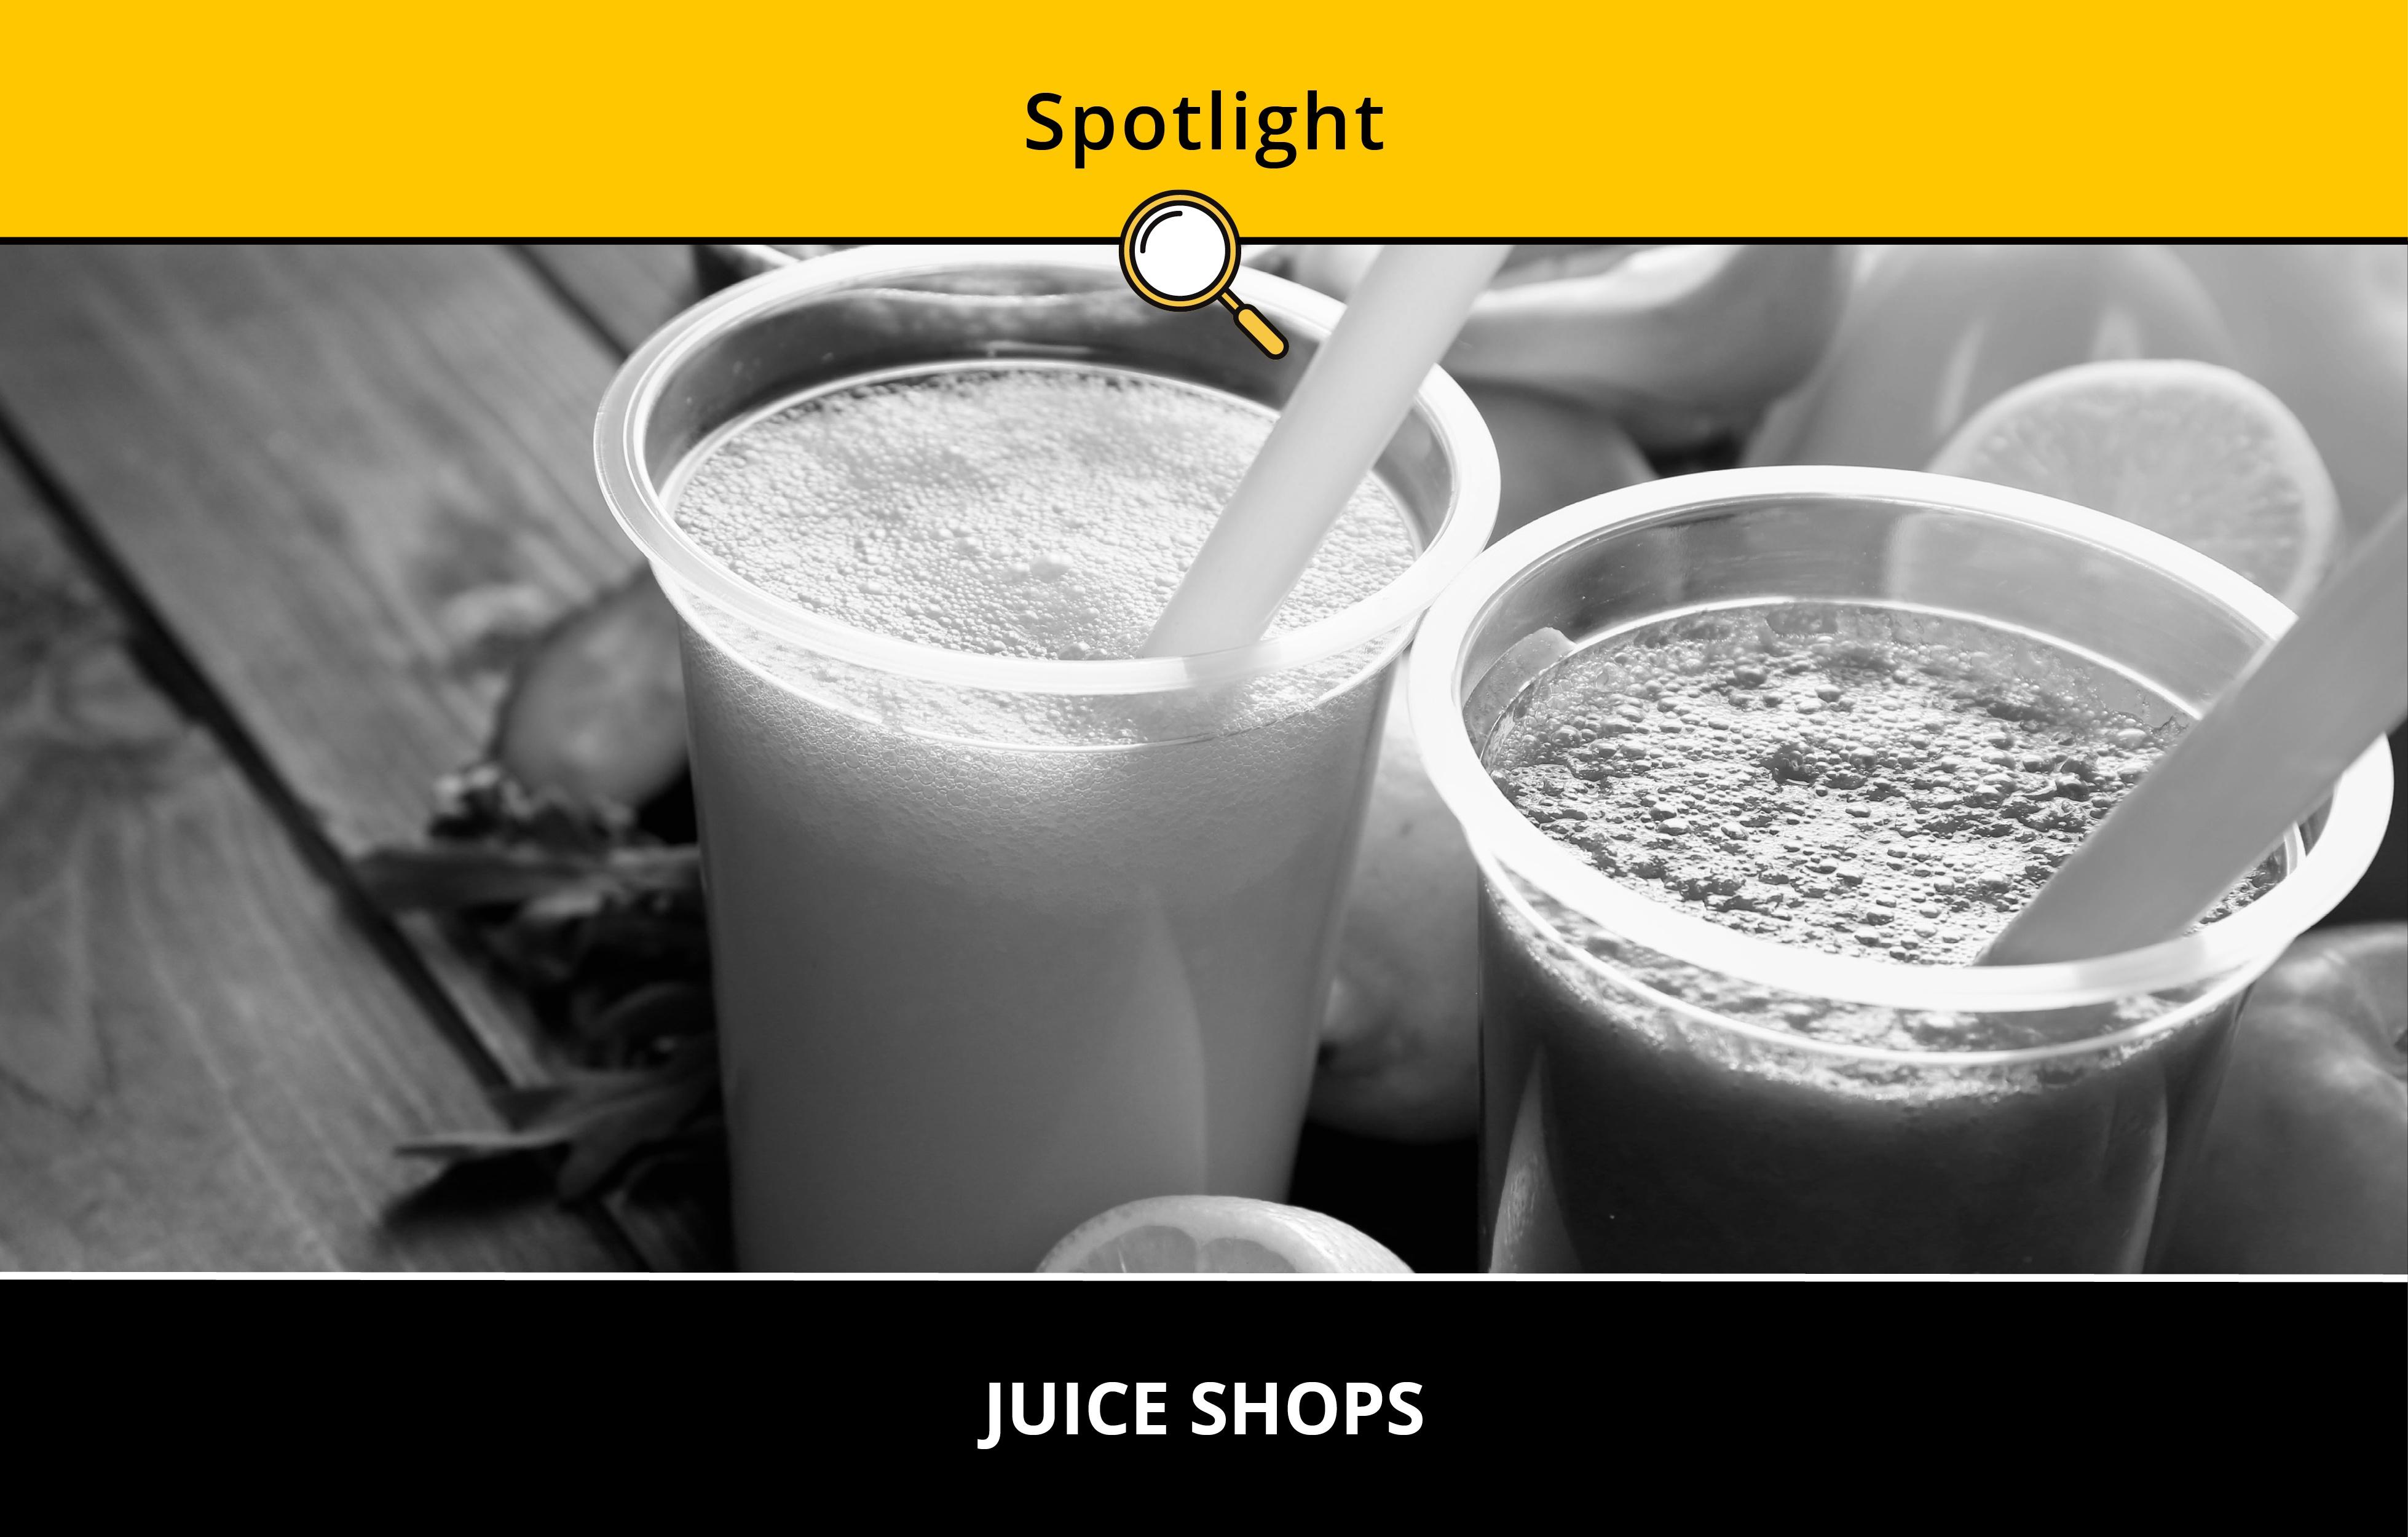 Juice Shops